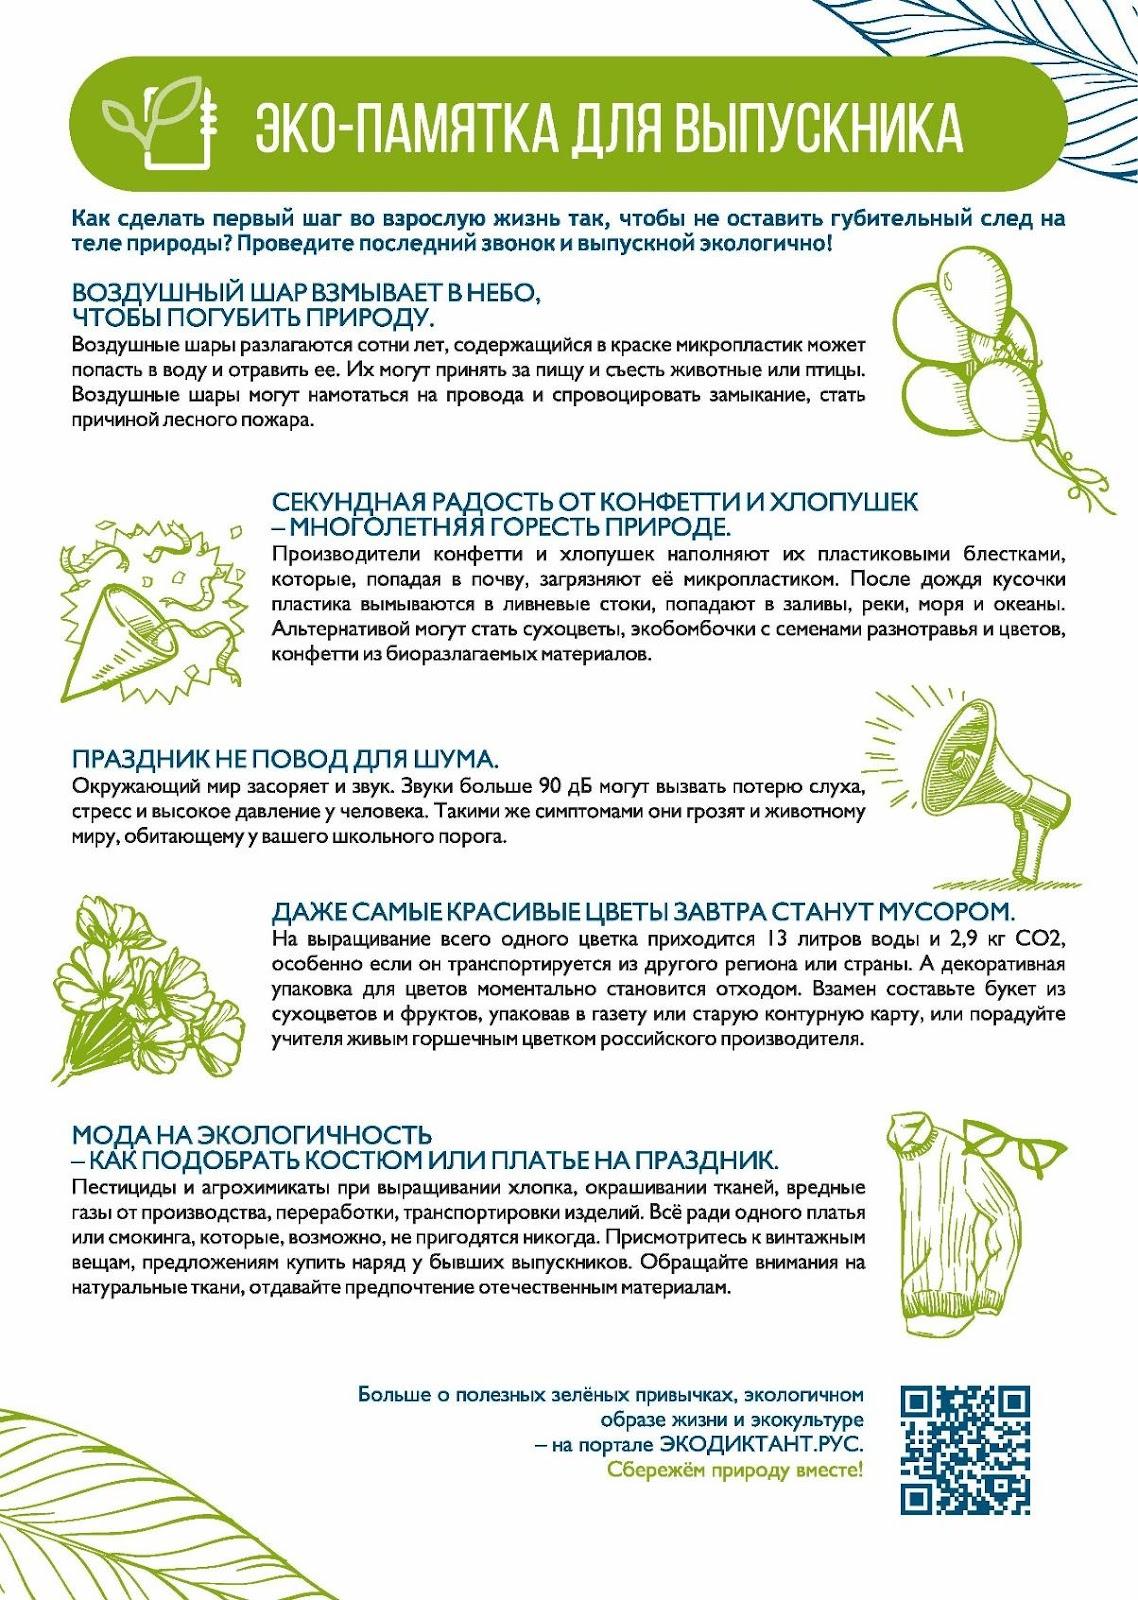 http://school15-tyumen.ru/i/all_photo/Eco-pamyatka.jpg